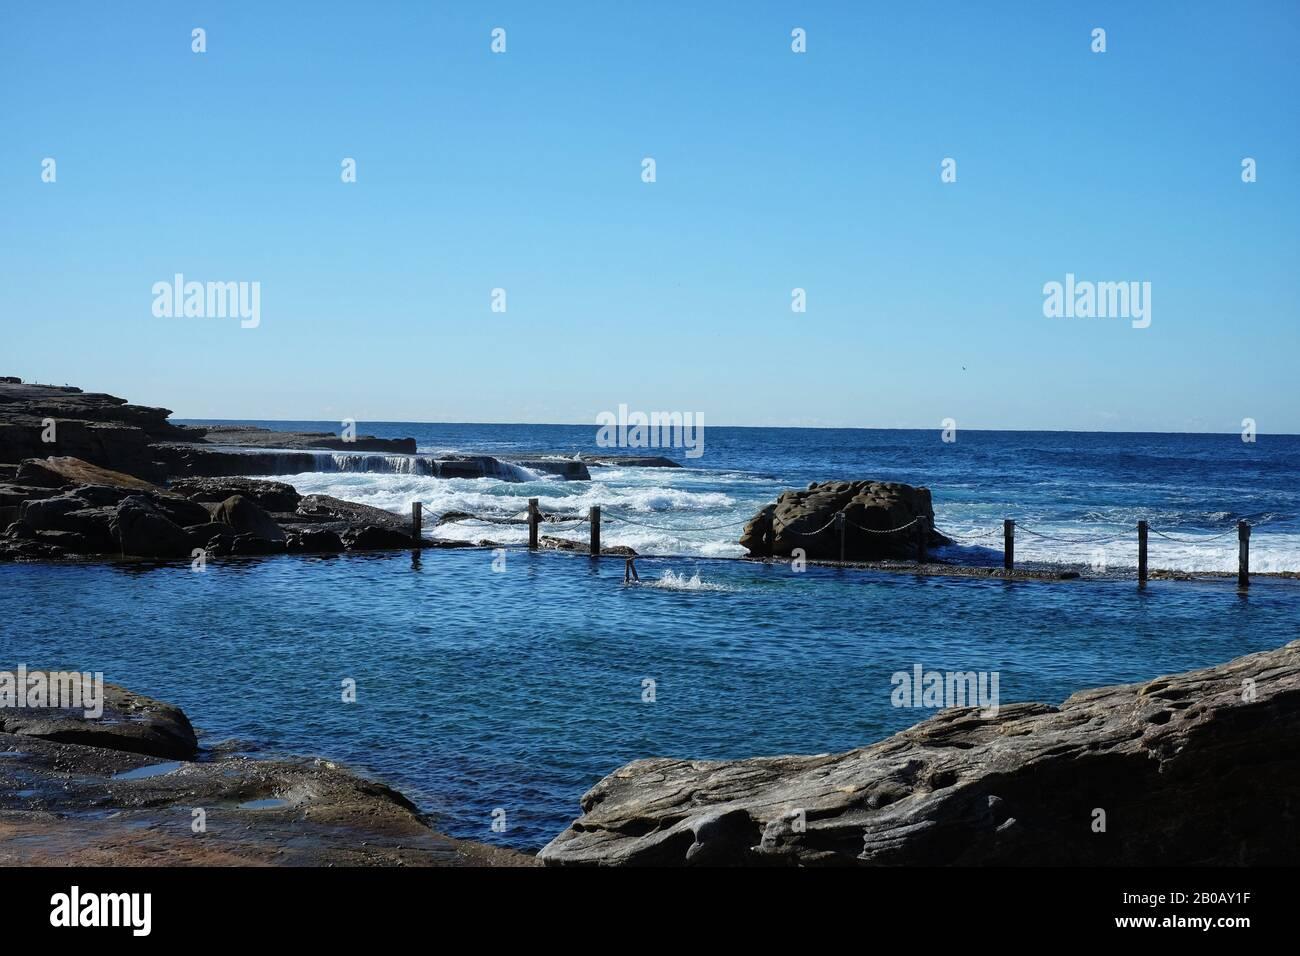 schwimmen-im-blauen-rechteck-des-mahon-pools-am-rande-australiens-unter-einem-wolkenlosen-blauen-himmel-2b0ay1f.jpg